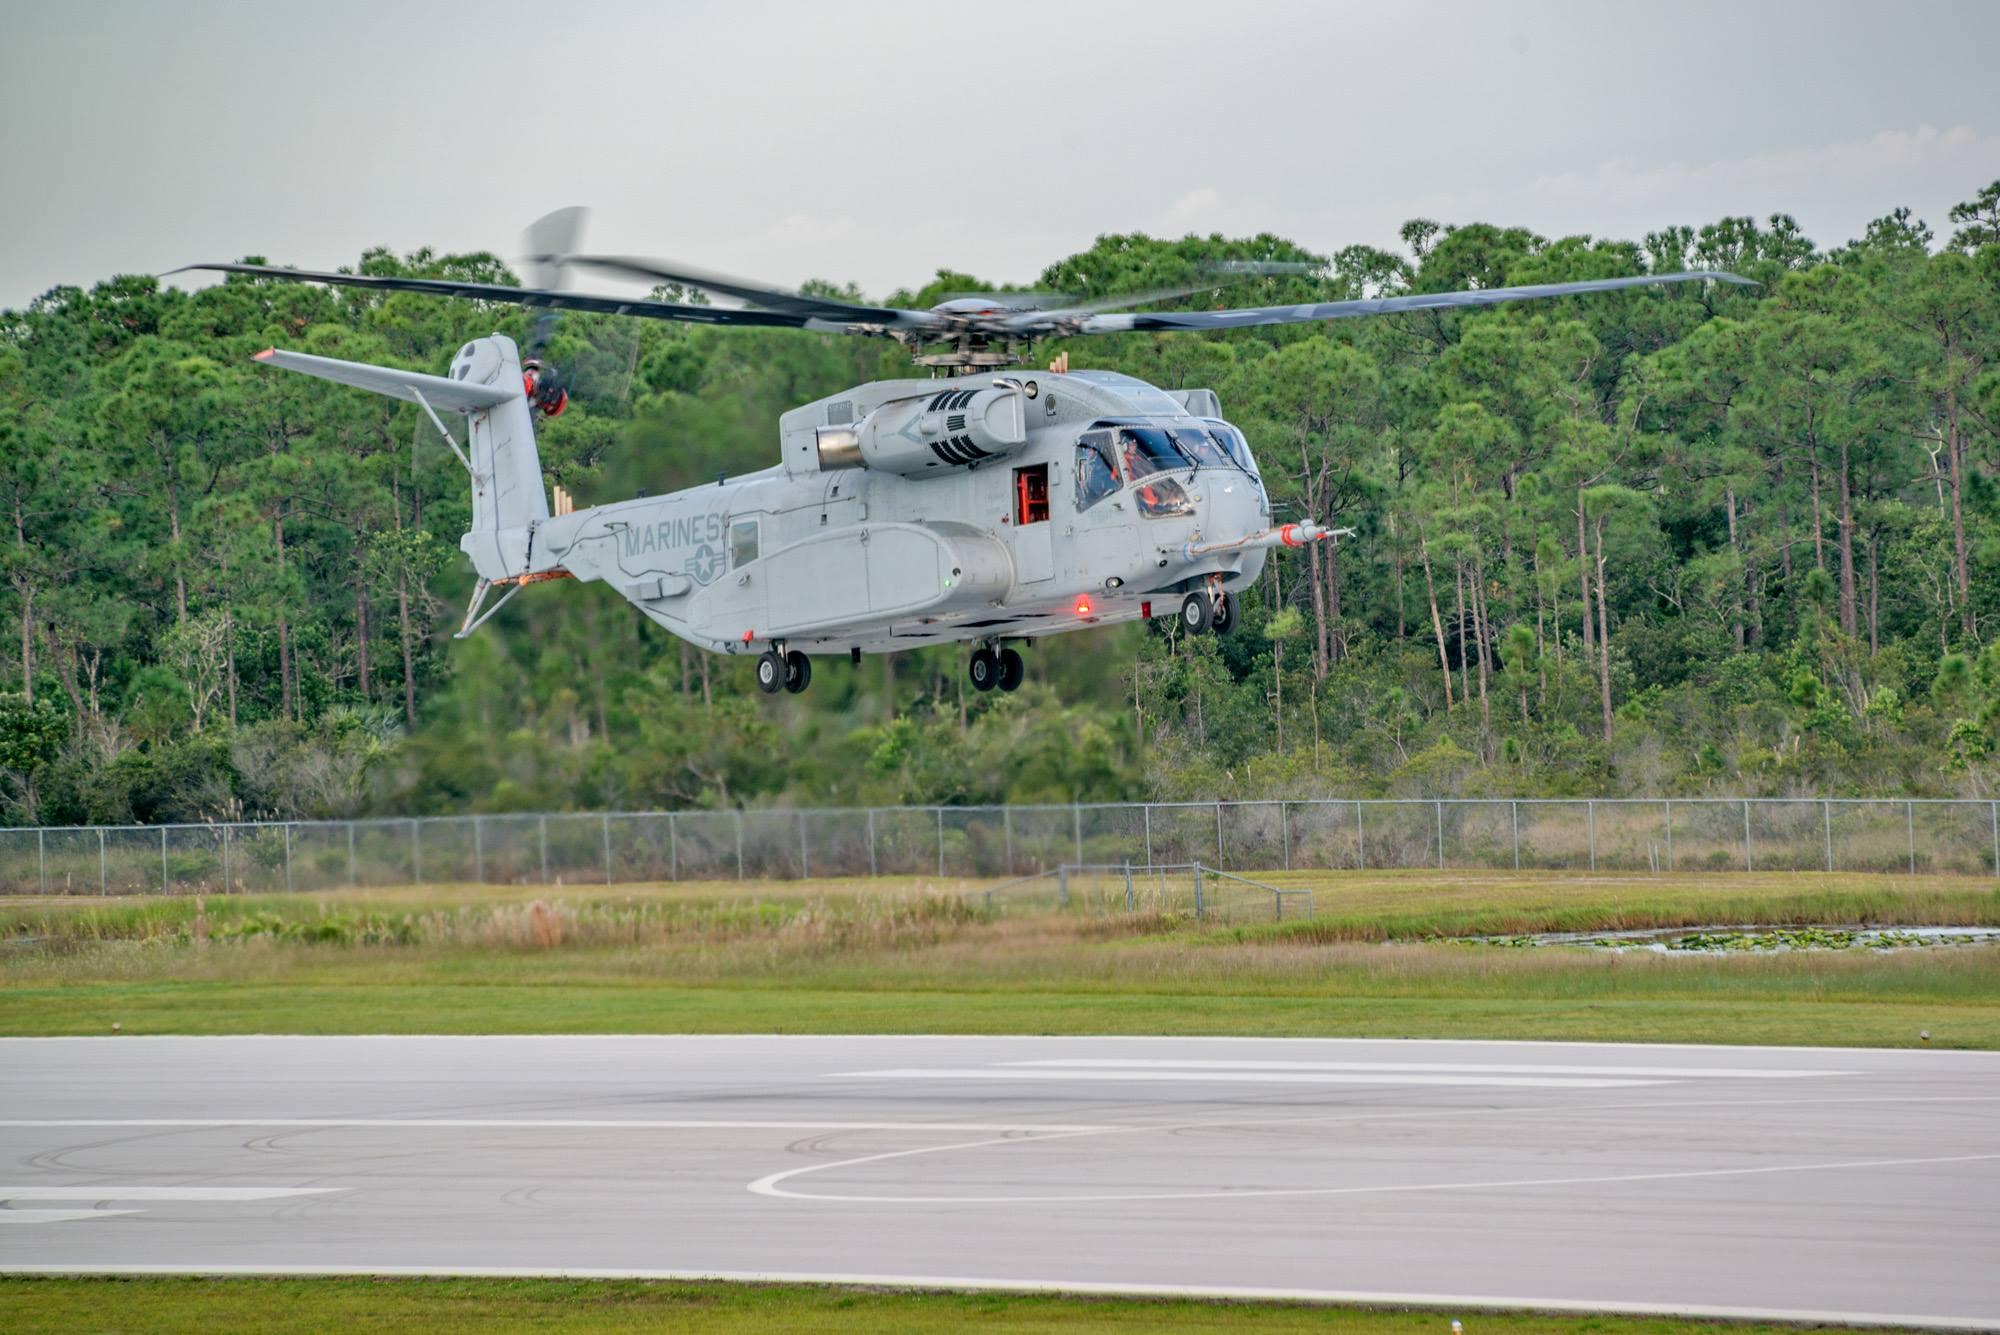 Первый летный опытный образец нового американского тяжелого транспортного вертолета Sikorsky СН-53К King Stallion (прототип EDM-1) в первом полете по полному профилю. Вест-Палм-Бич (Флорида), 27.10.2015.